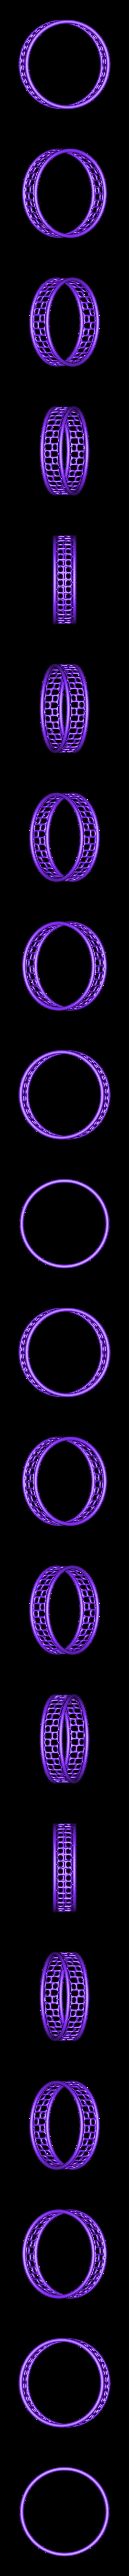 bracelet016.corr.stl Download free STL file Bracelet16 • 3D print design, ernestmocassin